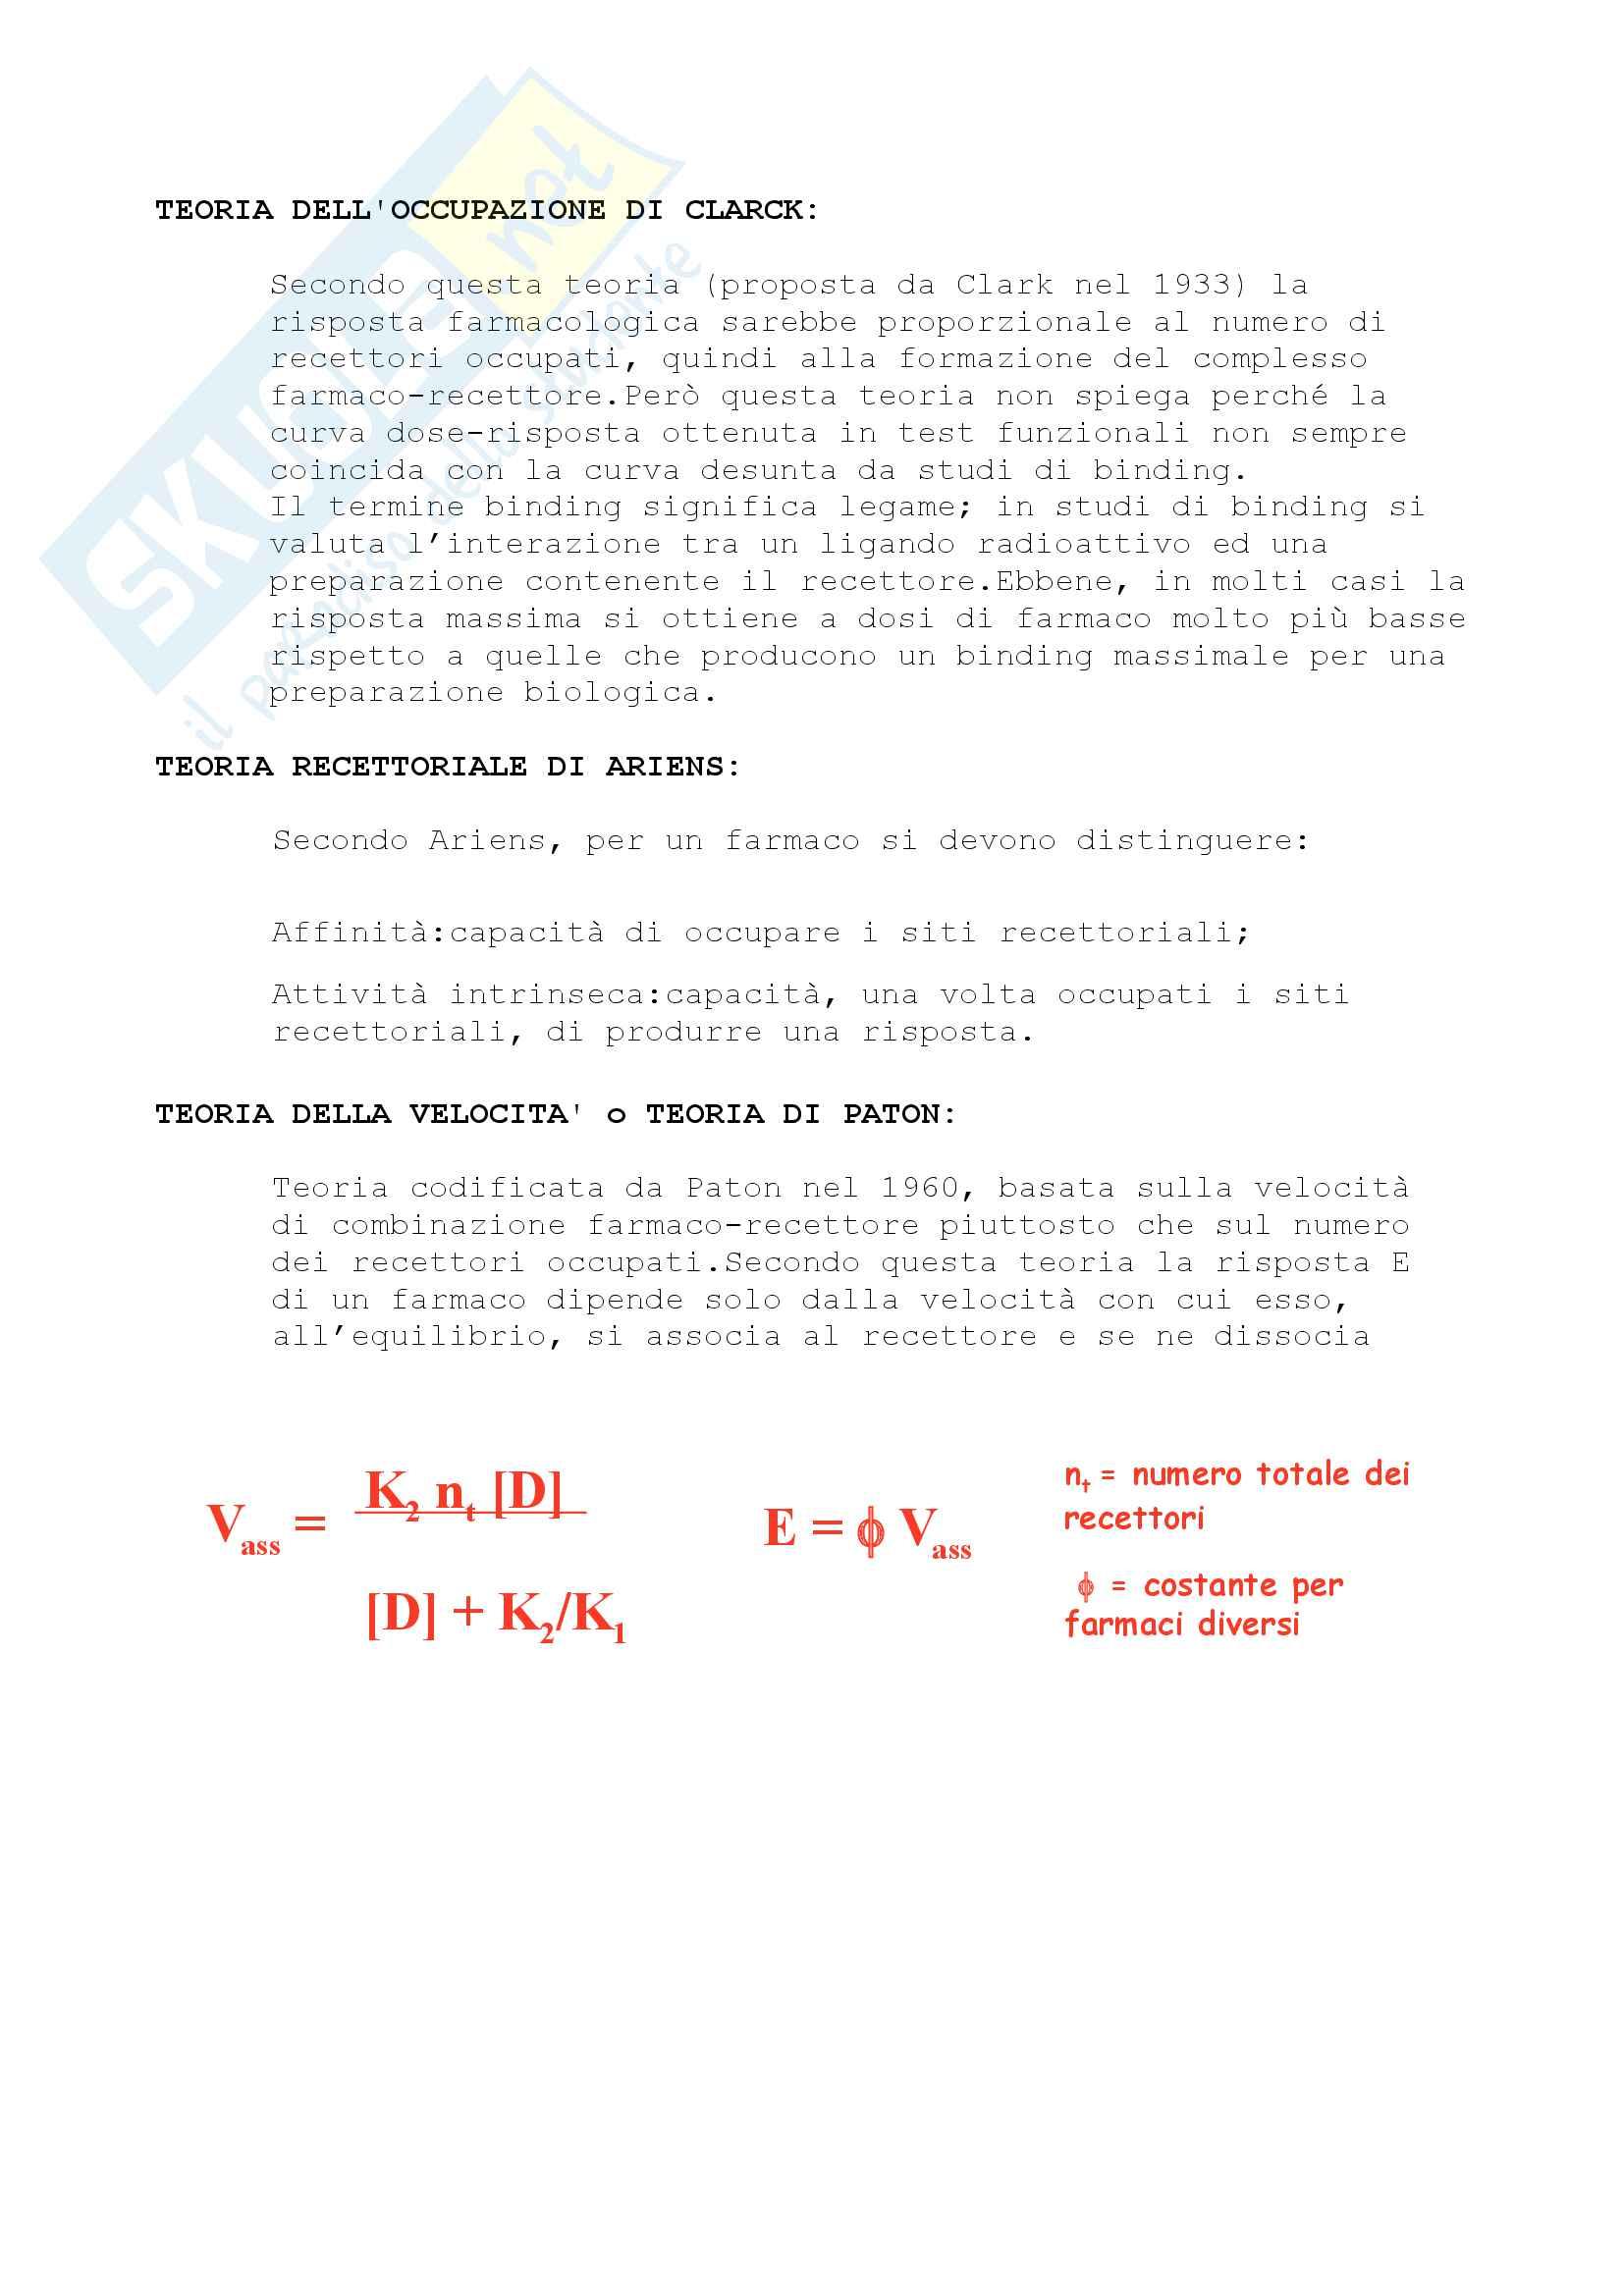 Chimica Farmaceutica e Tossicologica I e Farmaci Pag. 21